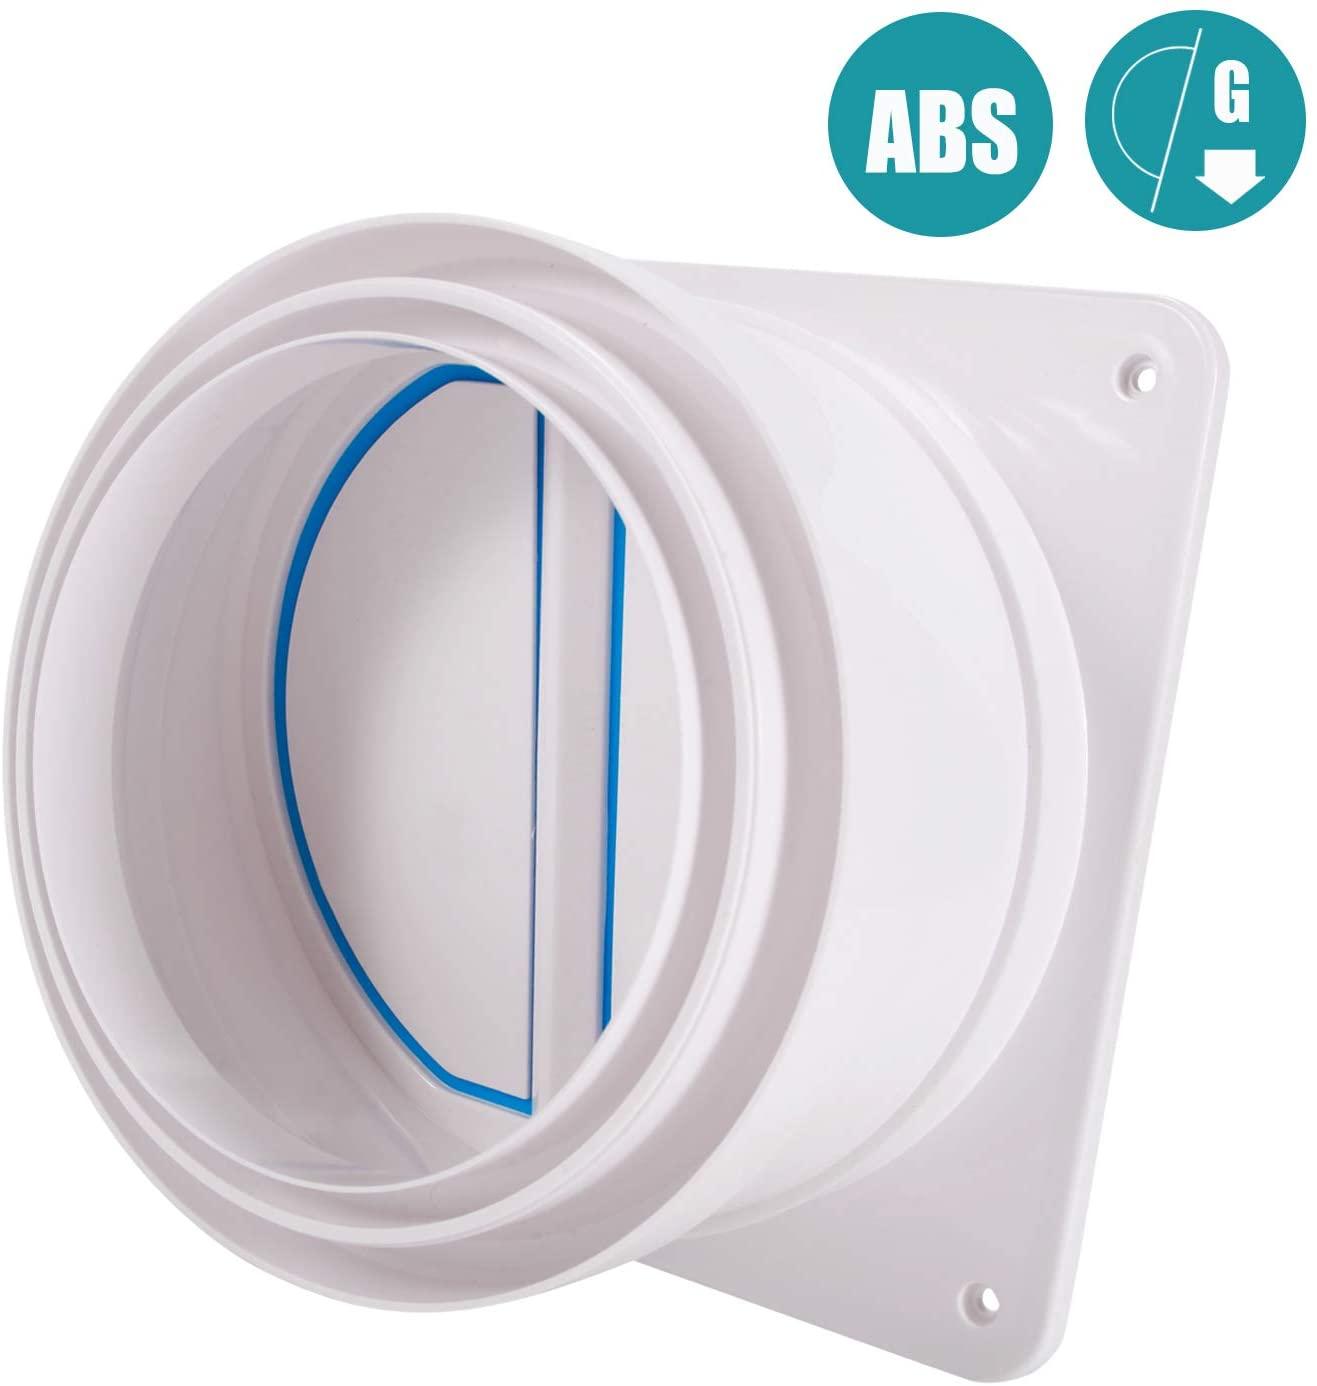 Backdraft Damper 6'', HG POWER Draft Blocker Wall Shutter Backdraft Damper Air Duct Back Check Valve HVAC Butterfly Valve for Dryer Duct Hose (Diameter: 150-180mm)